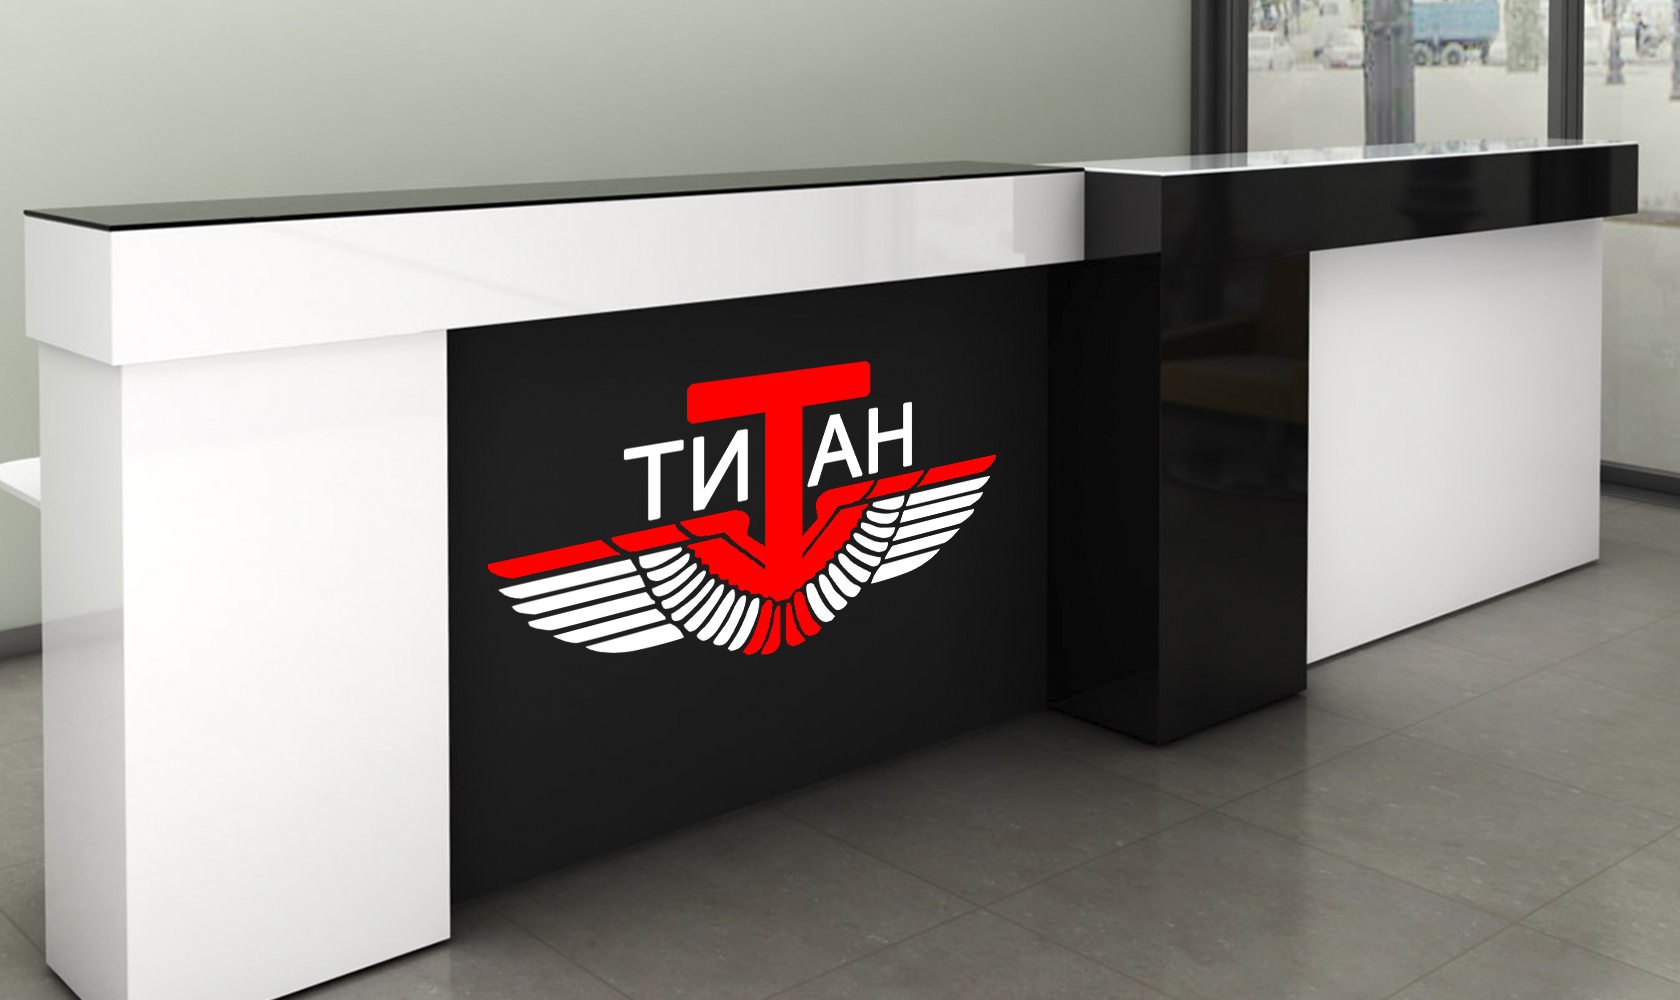 Разработка логотипа (срочно) фото f_9945d498a5b6d4dd.jpg